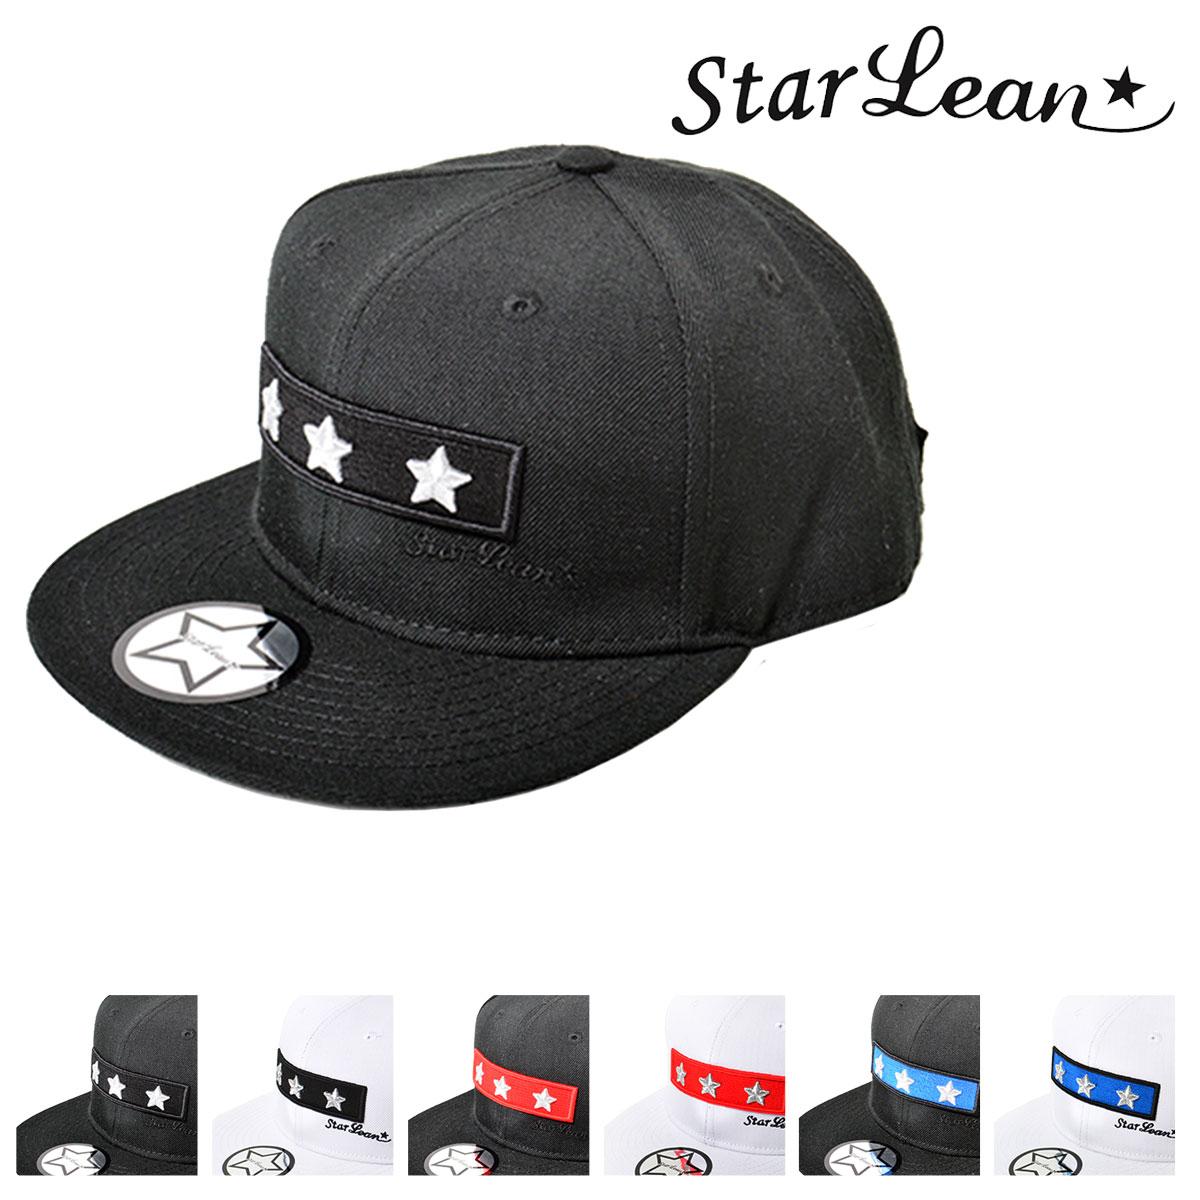 スターリアン キャップ サイズ調節可能 メンズ レディース Starlean | 帽子 ベースボールキャップ スリースター[PO10][bef]